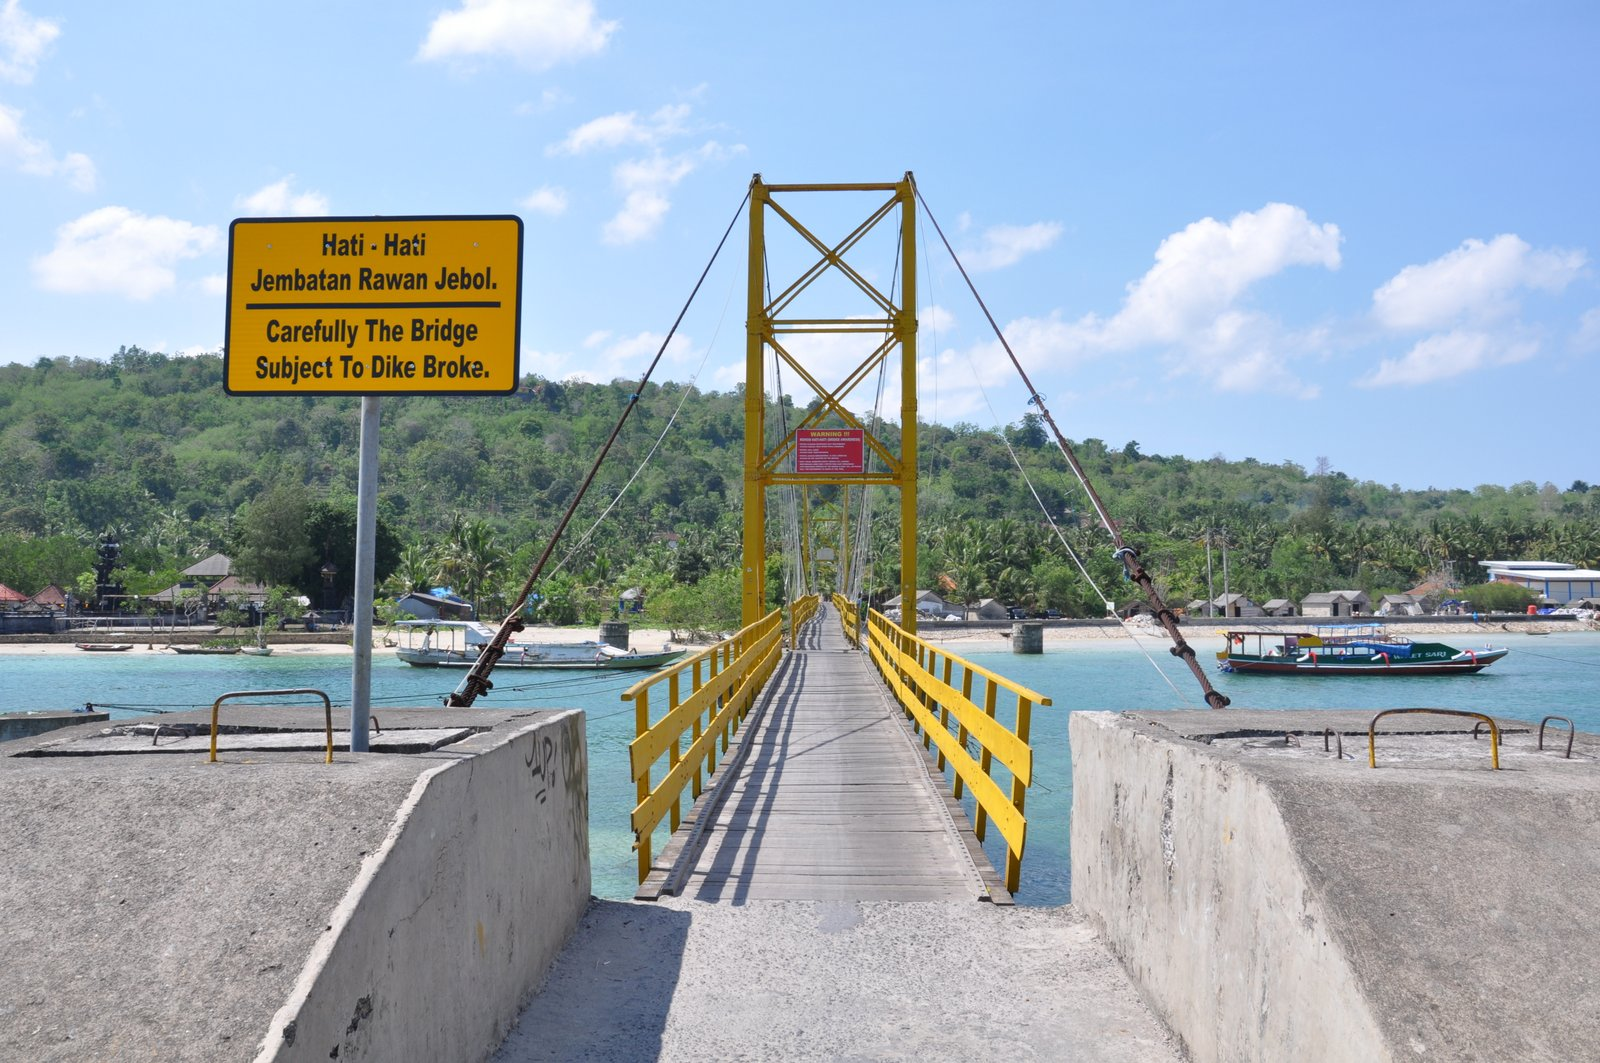 Le pont jaune qui reliait les deux îles et s'est écroulé